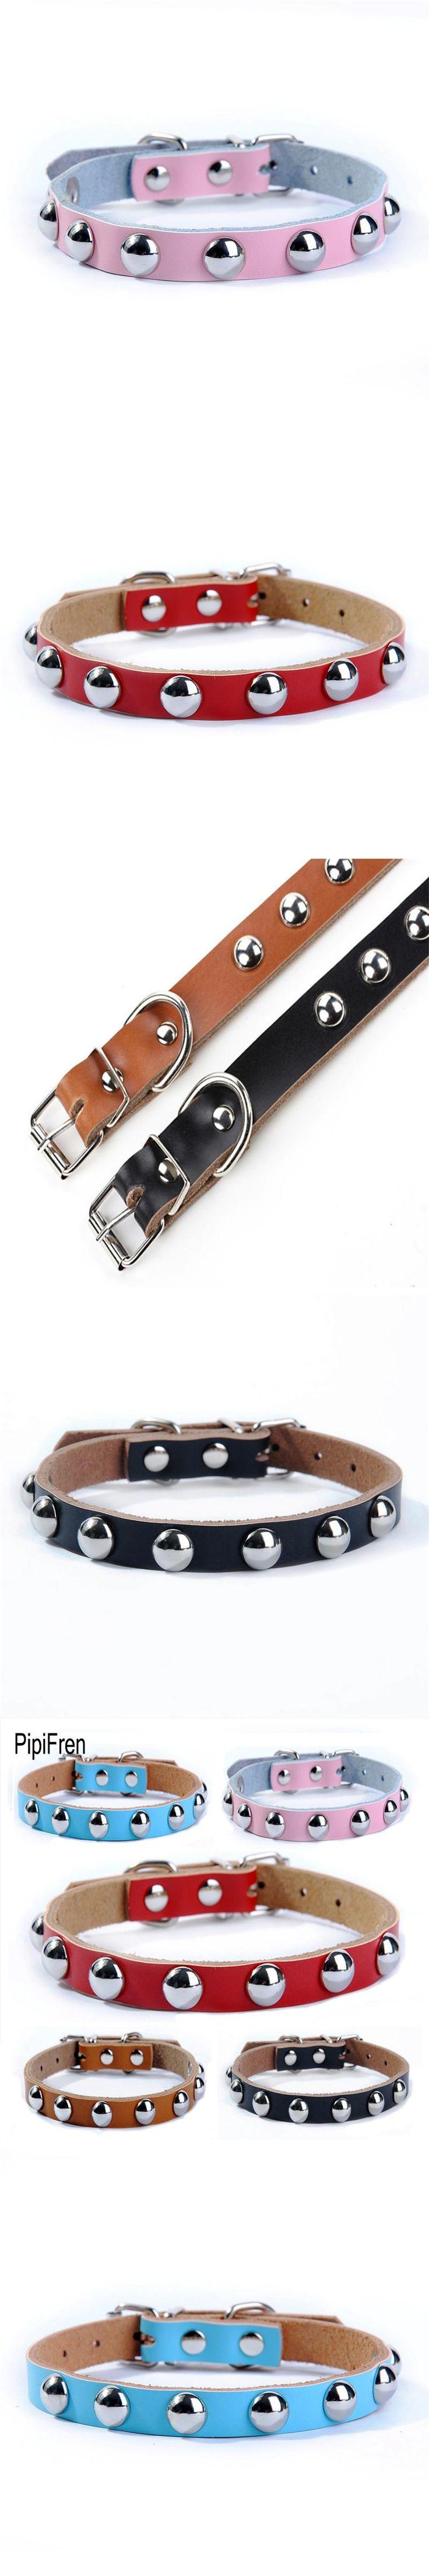 PipiFren Cats Collars Dogs Spiked Rivet For Pets Collar Necklace Accessories Cat Belt Supplies halsband kat katzenhalsband